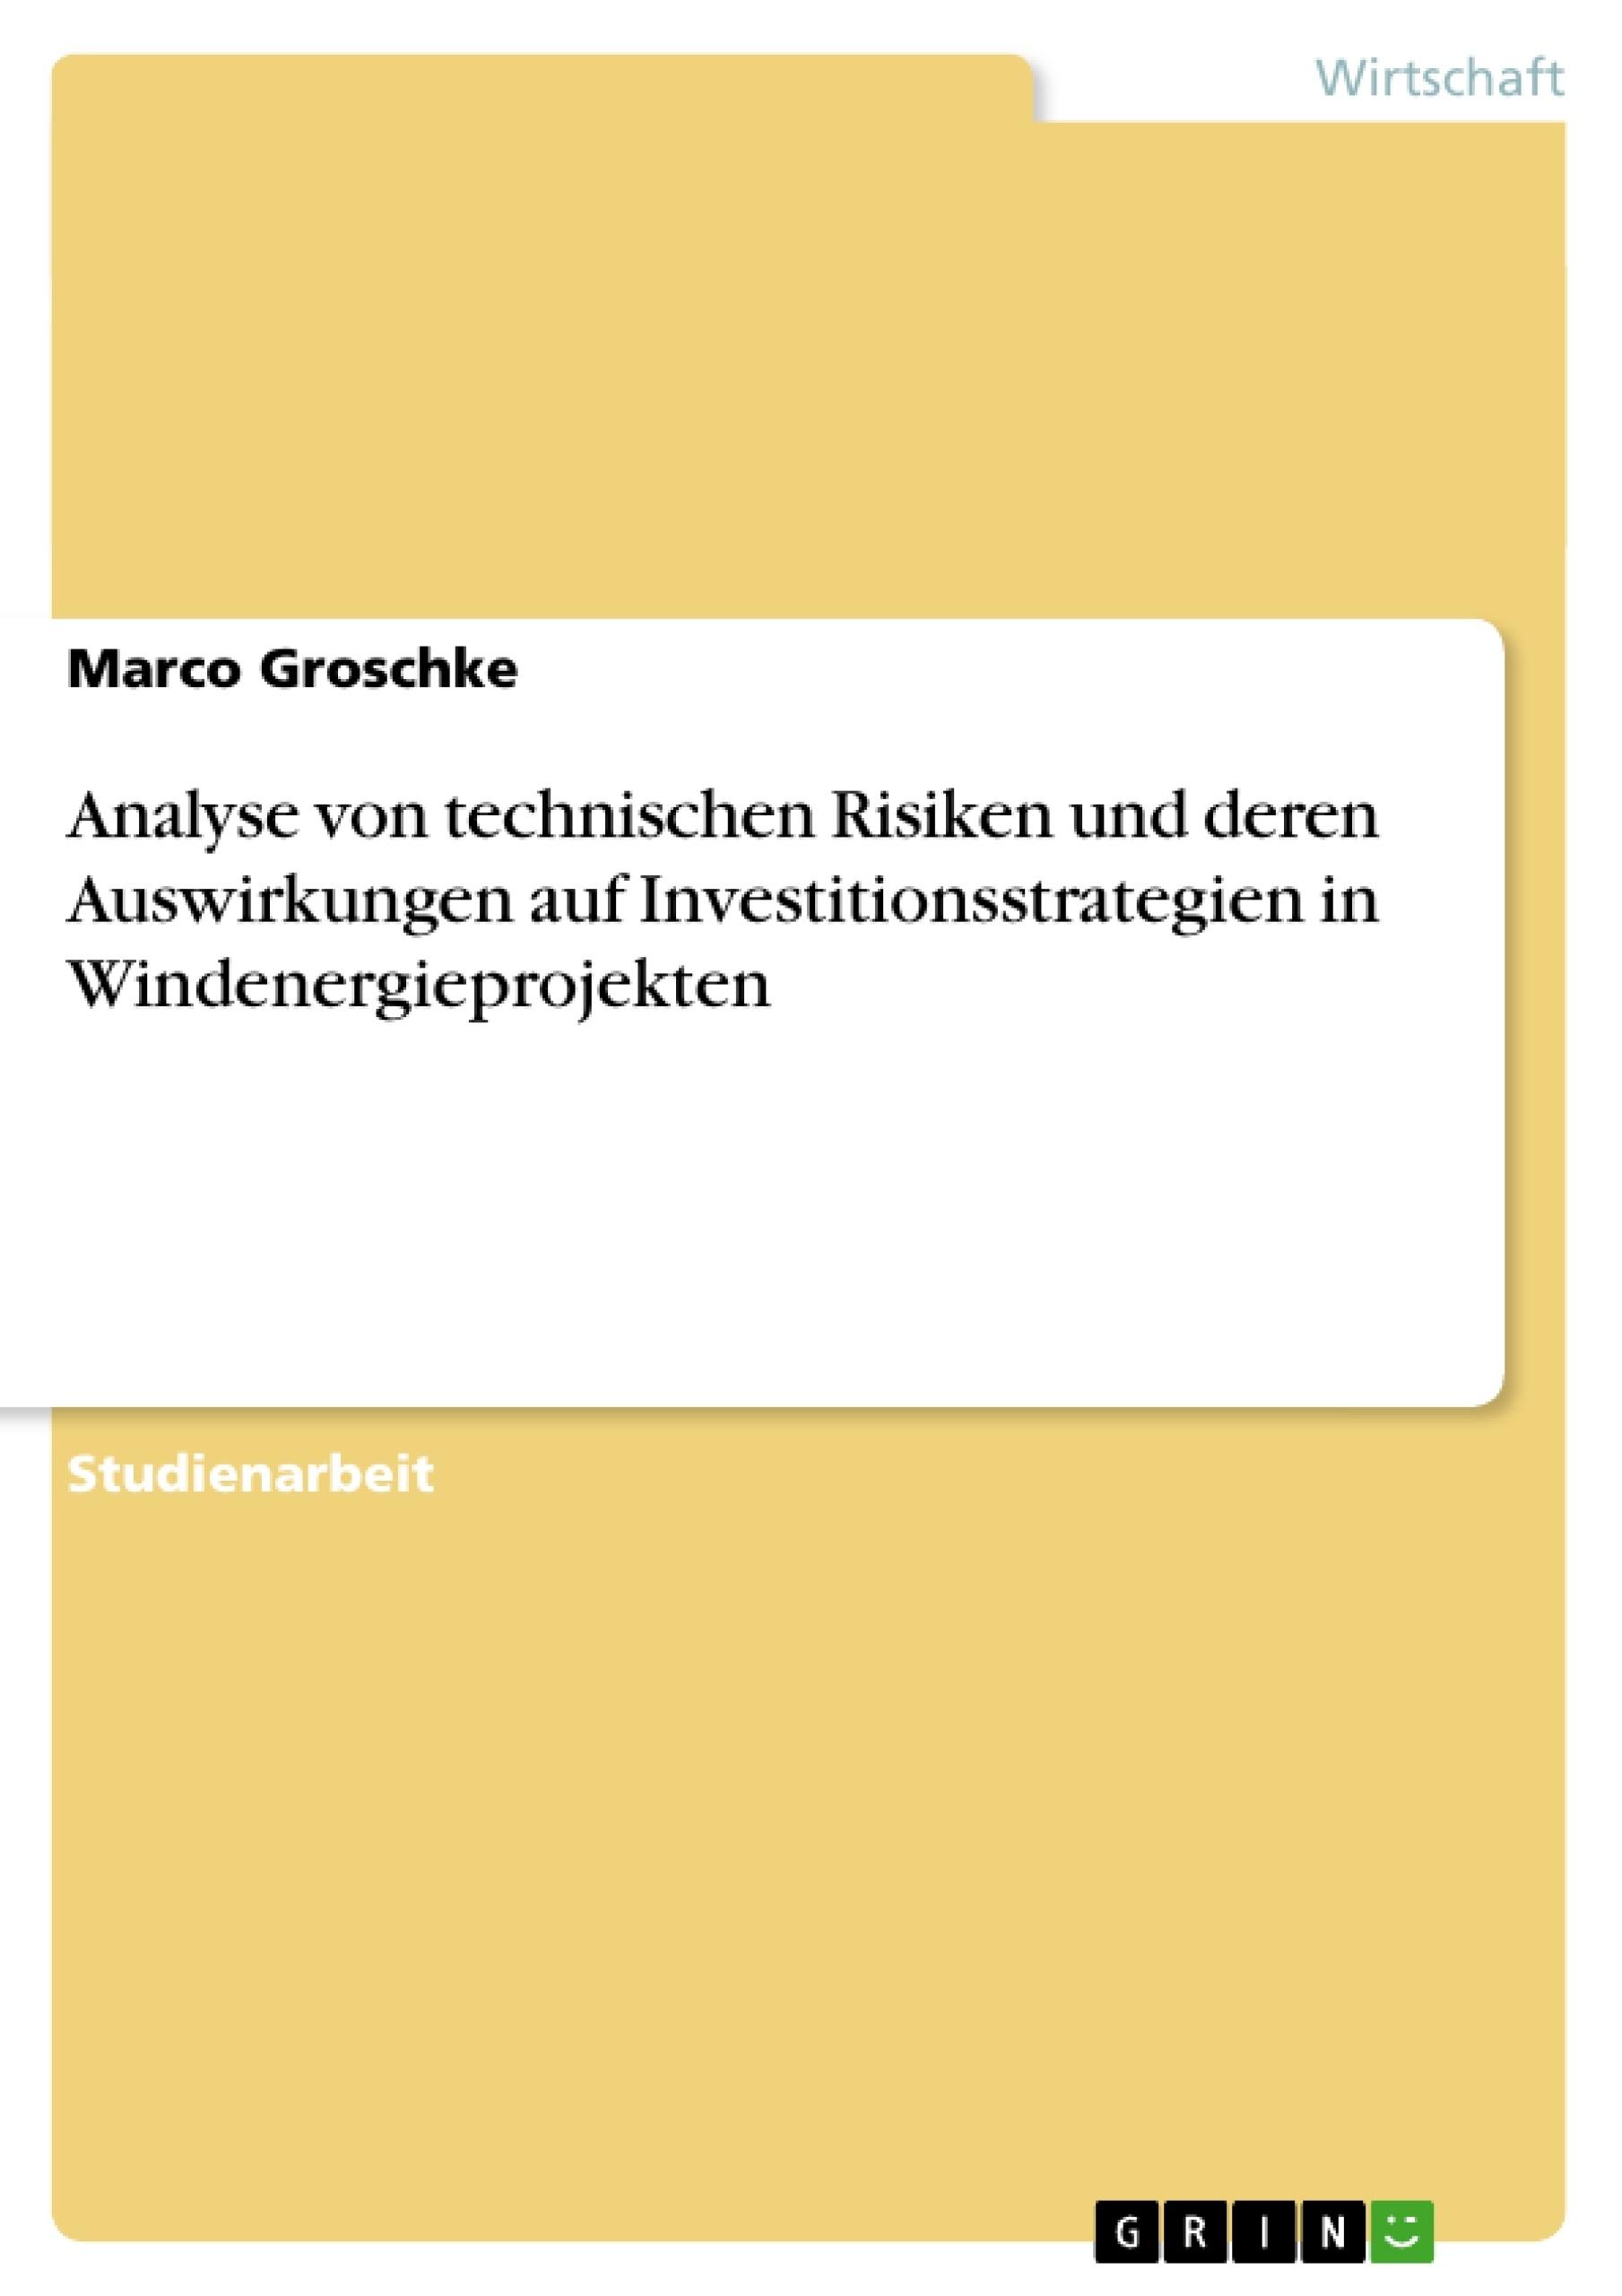 Titel: Analyse von technischen Risiken und deren Auswirkungen auf Investitionsstrategien in Windenergieprojekten